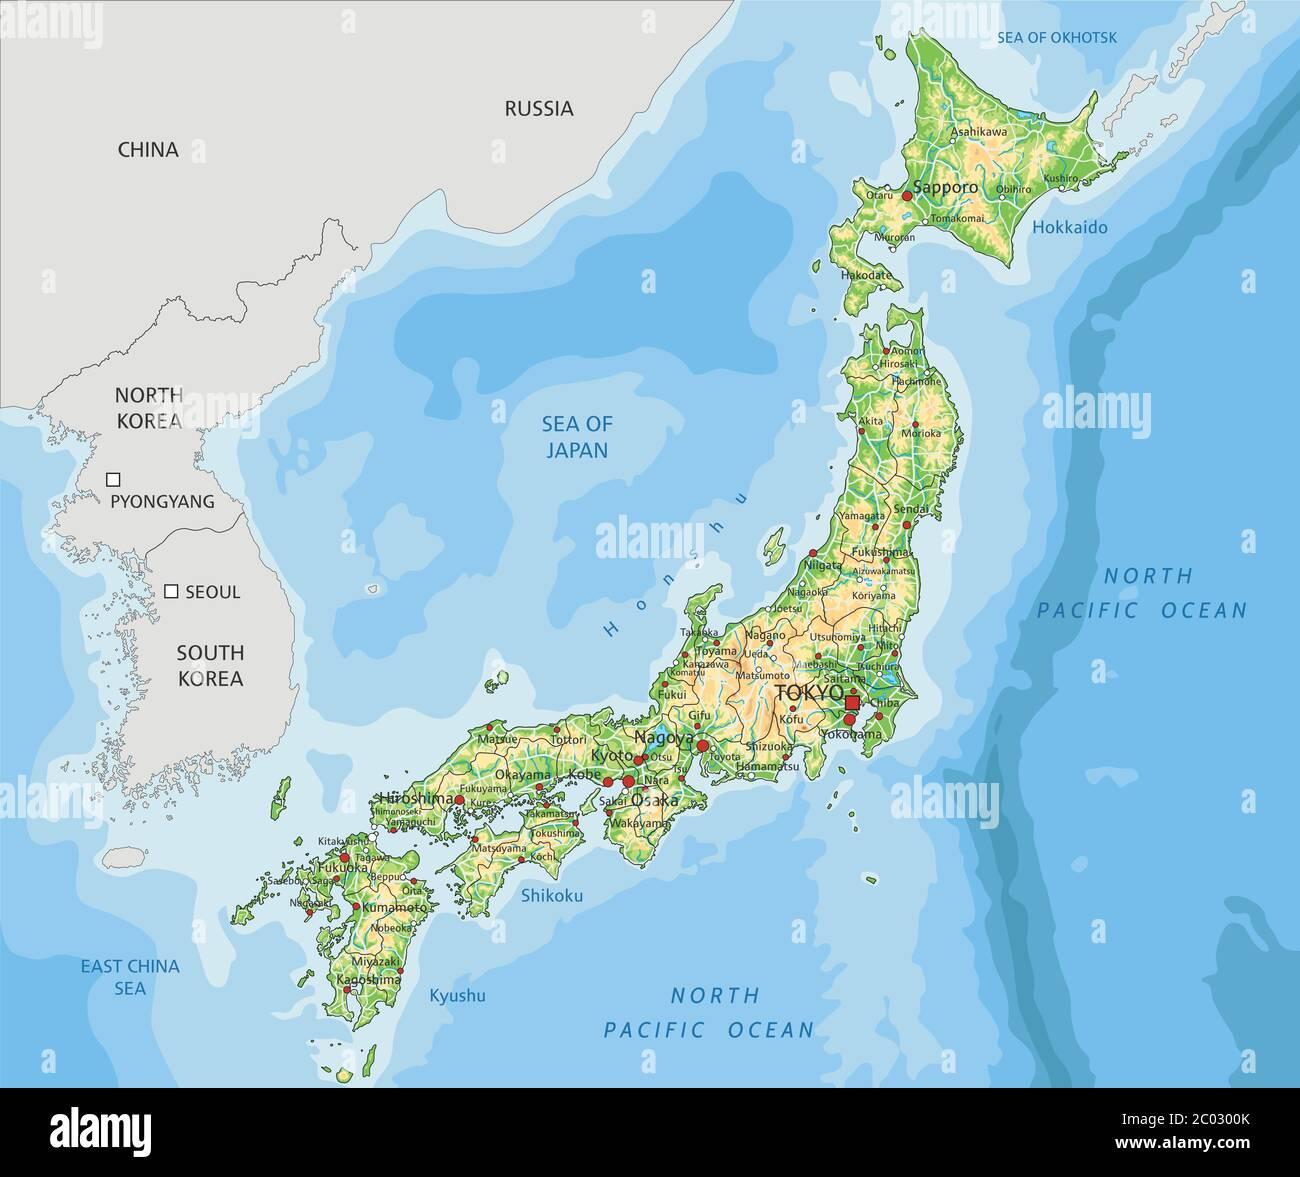 Cartina Fisica Del Giappone In Italiano.Mappa Fisica Del Giappone Dettagliata Immagine E Vettoriale Alamy